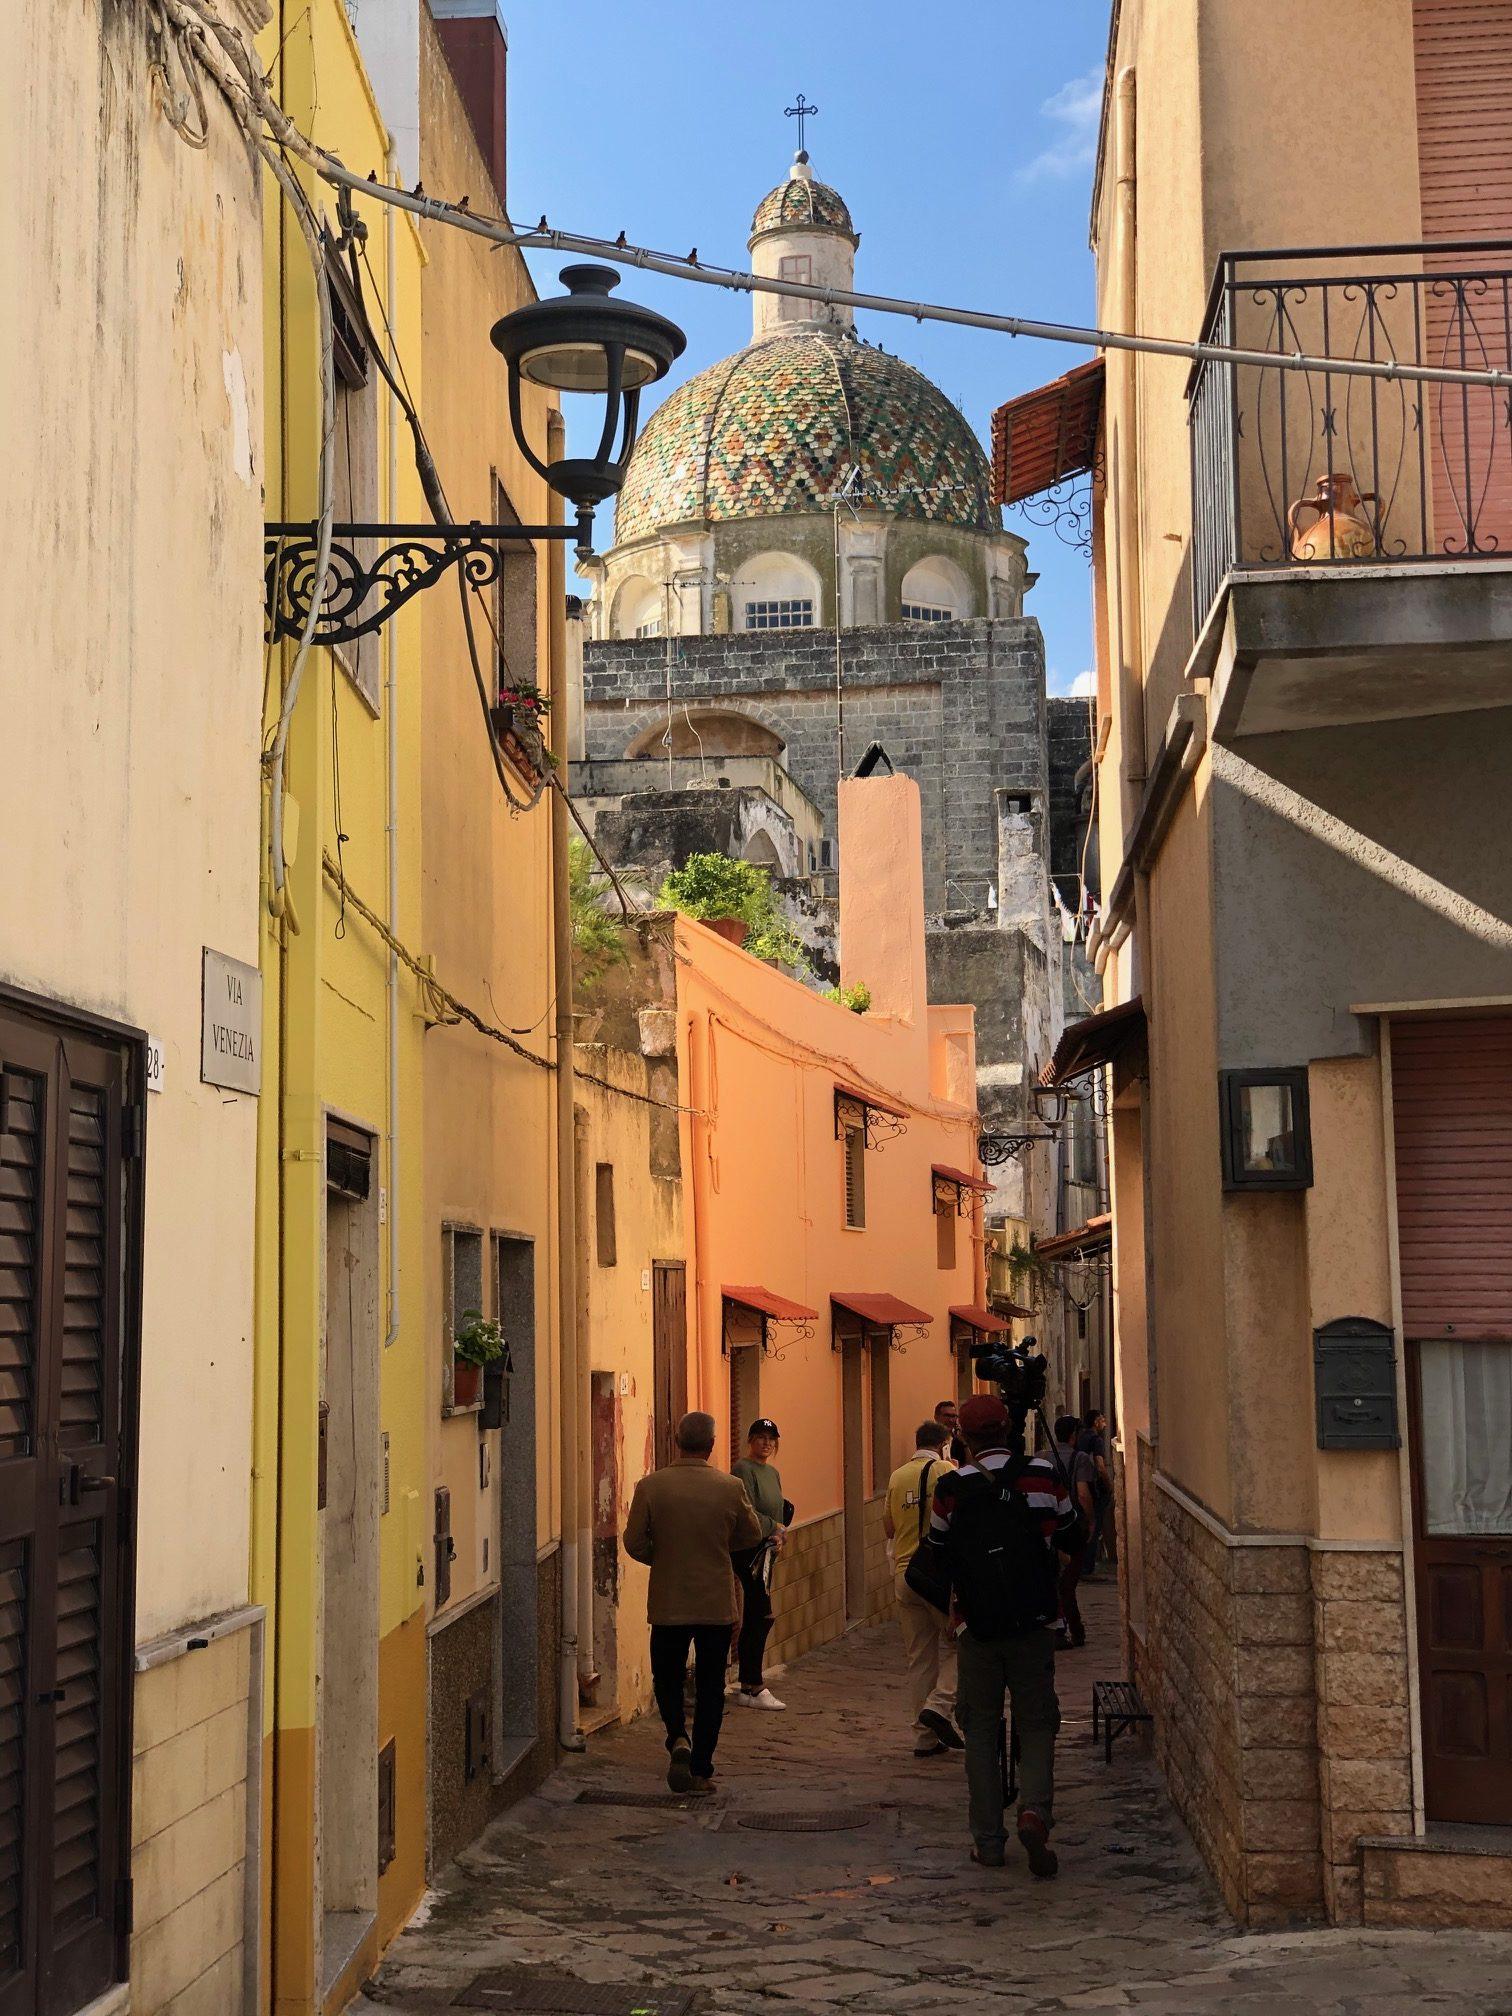 Taurisano, Italy